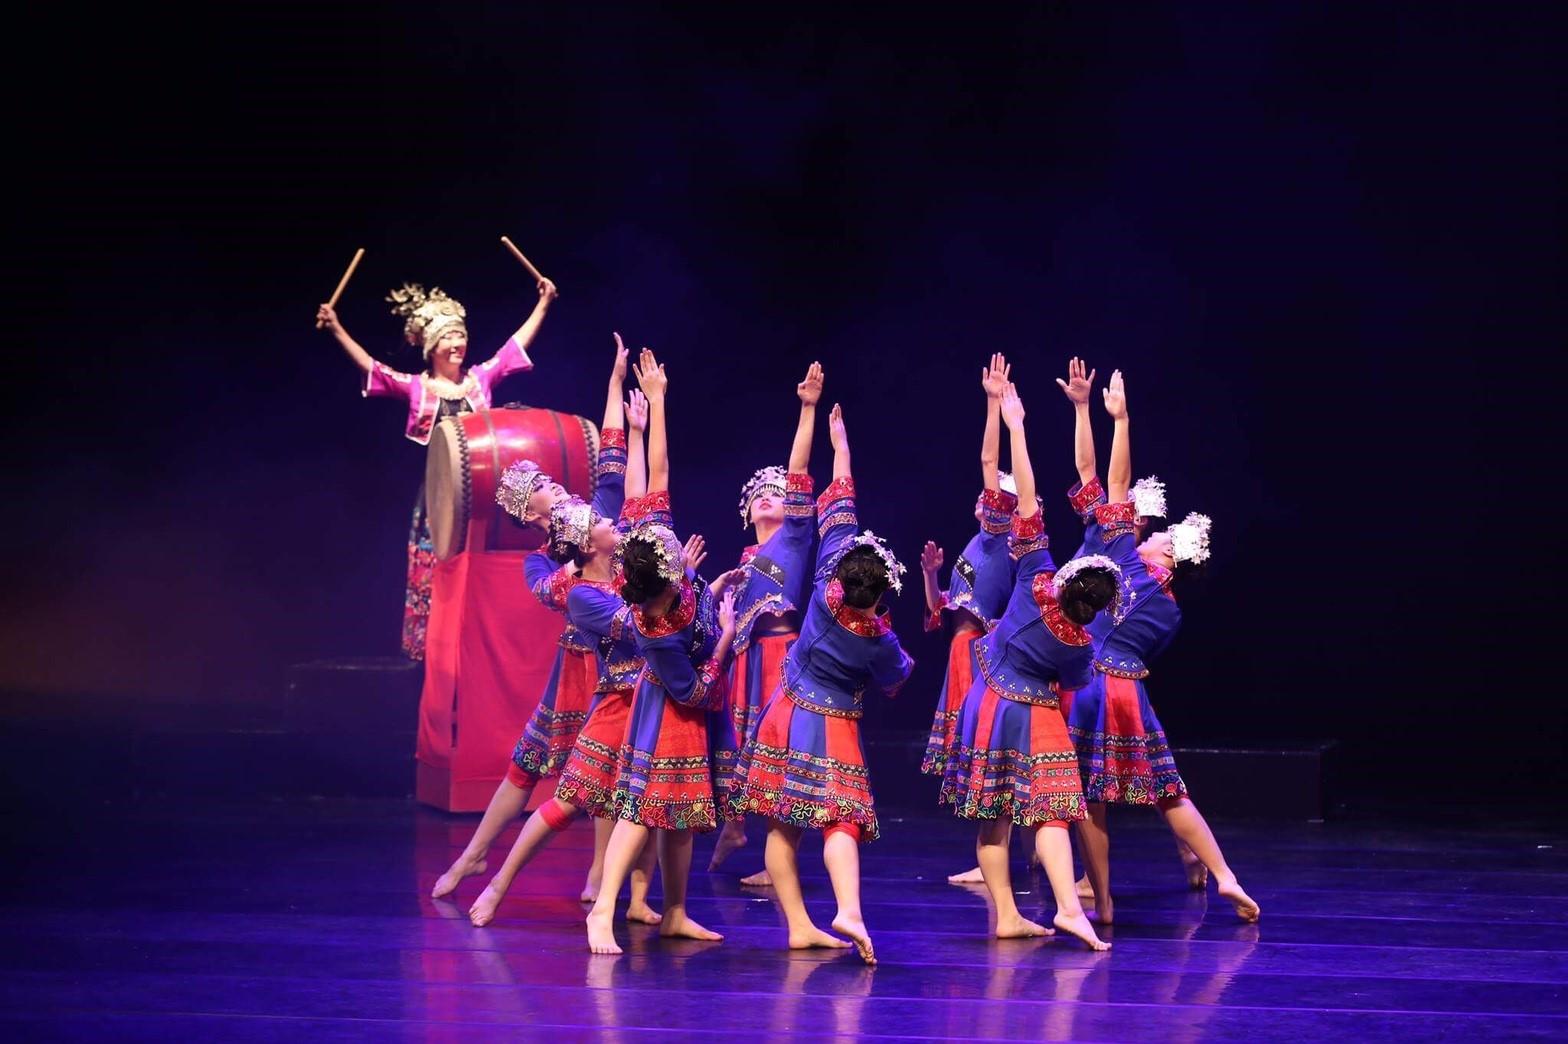 舞蹈科40屆畢業公演<我舞故我在>